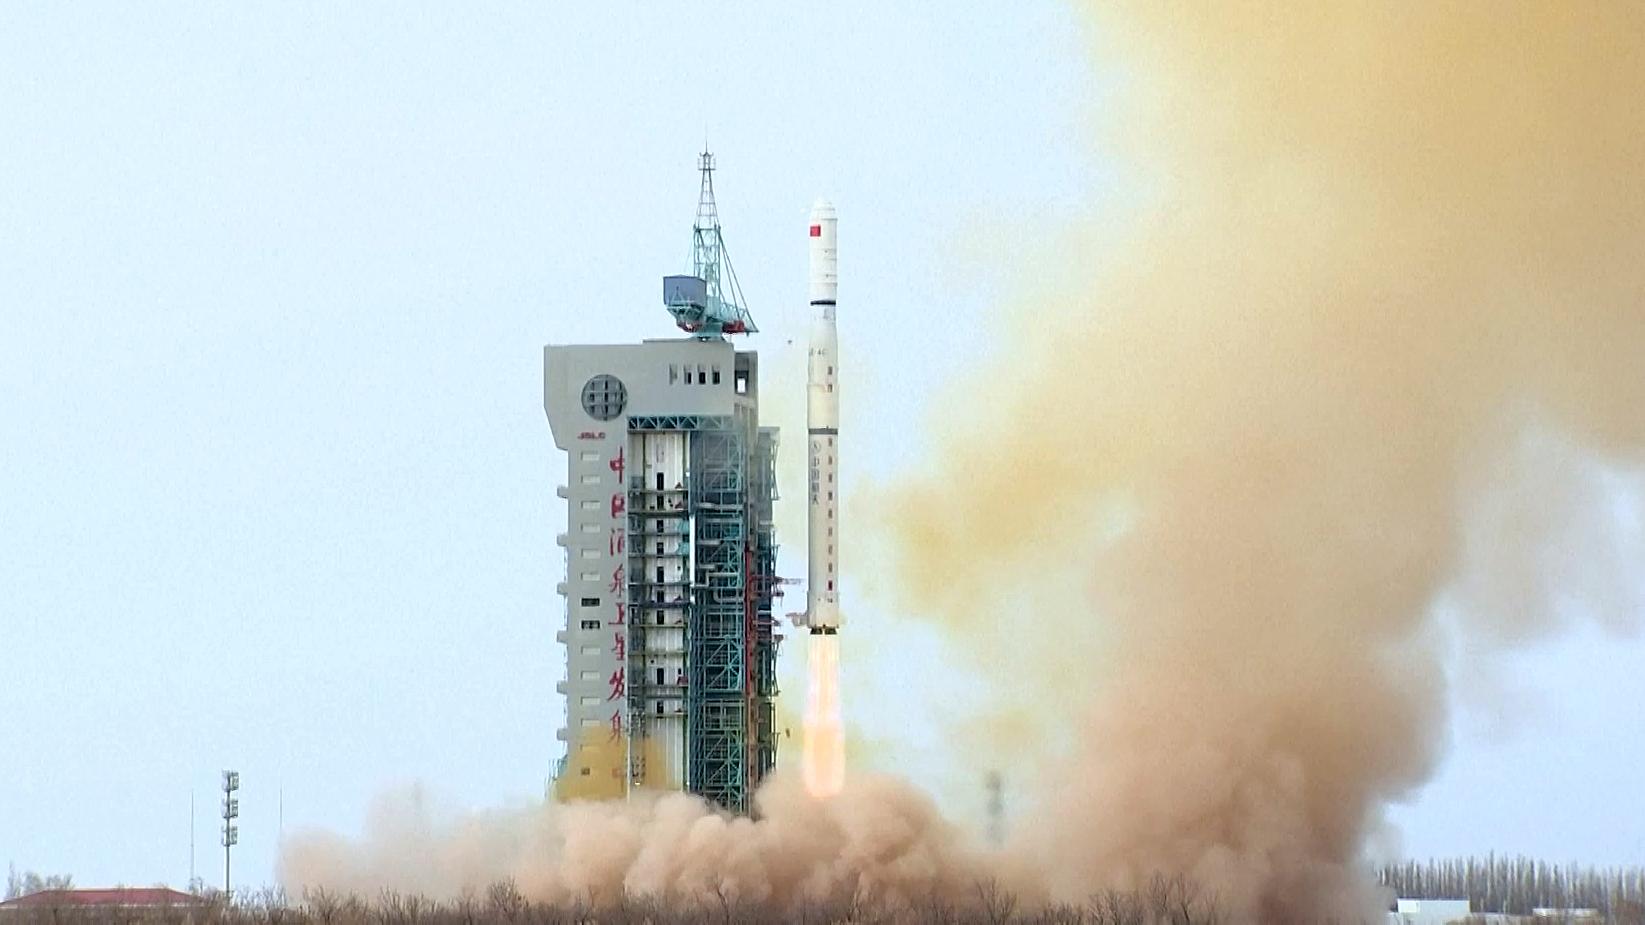 Une fusée chinoise Long March 4C décolle du centre de lancement de satellites de Jiuquan dans le désert de Gobi, transportant trois satellites Yaogan 31 Groupe 3 en orbite.